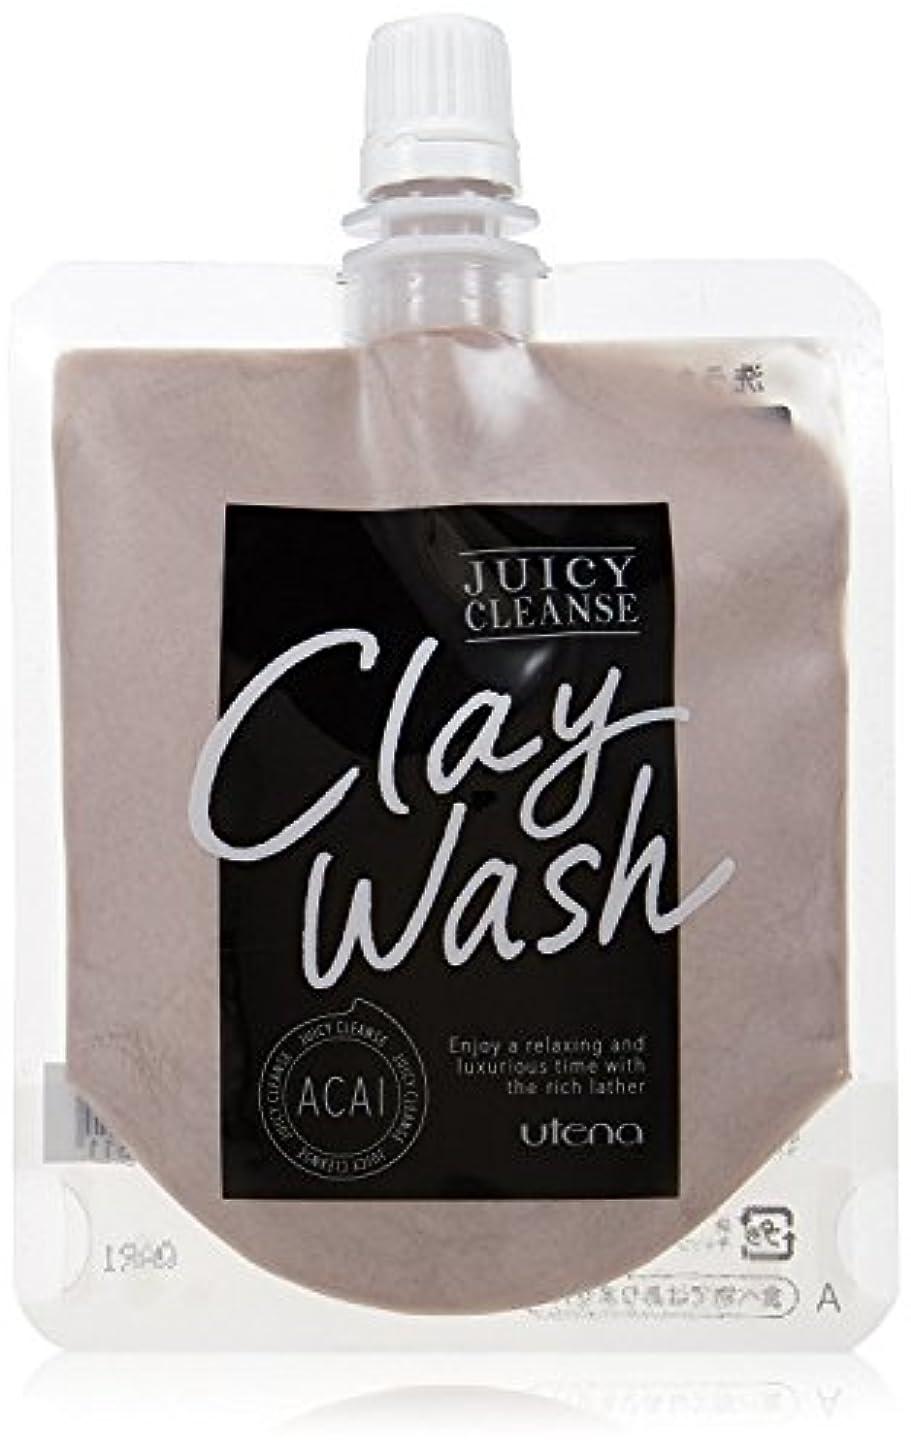 文明振り子床JUICY CLEANSE(ジューシィクレンズ) クレイウォッシュ アサイー 110g